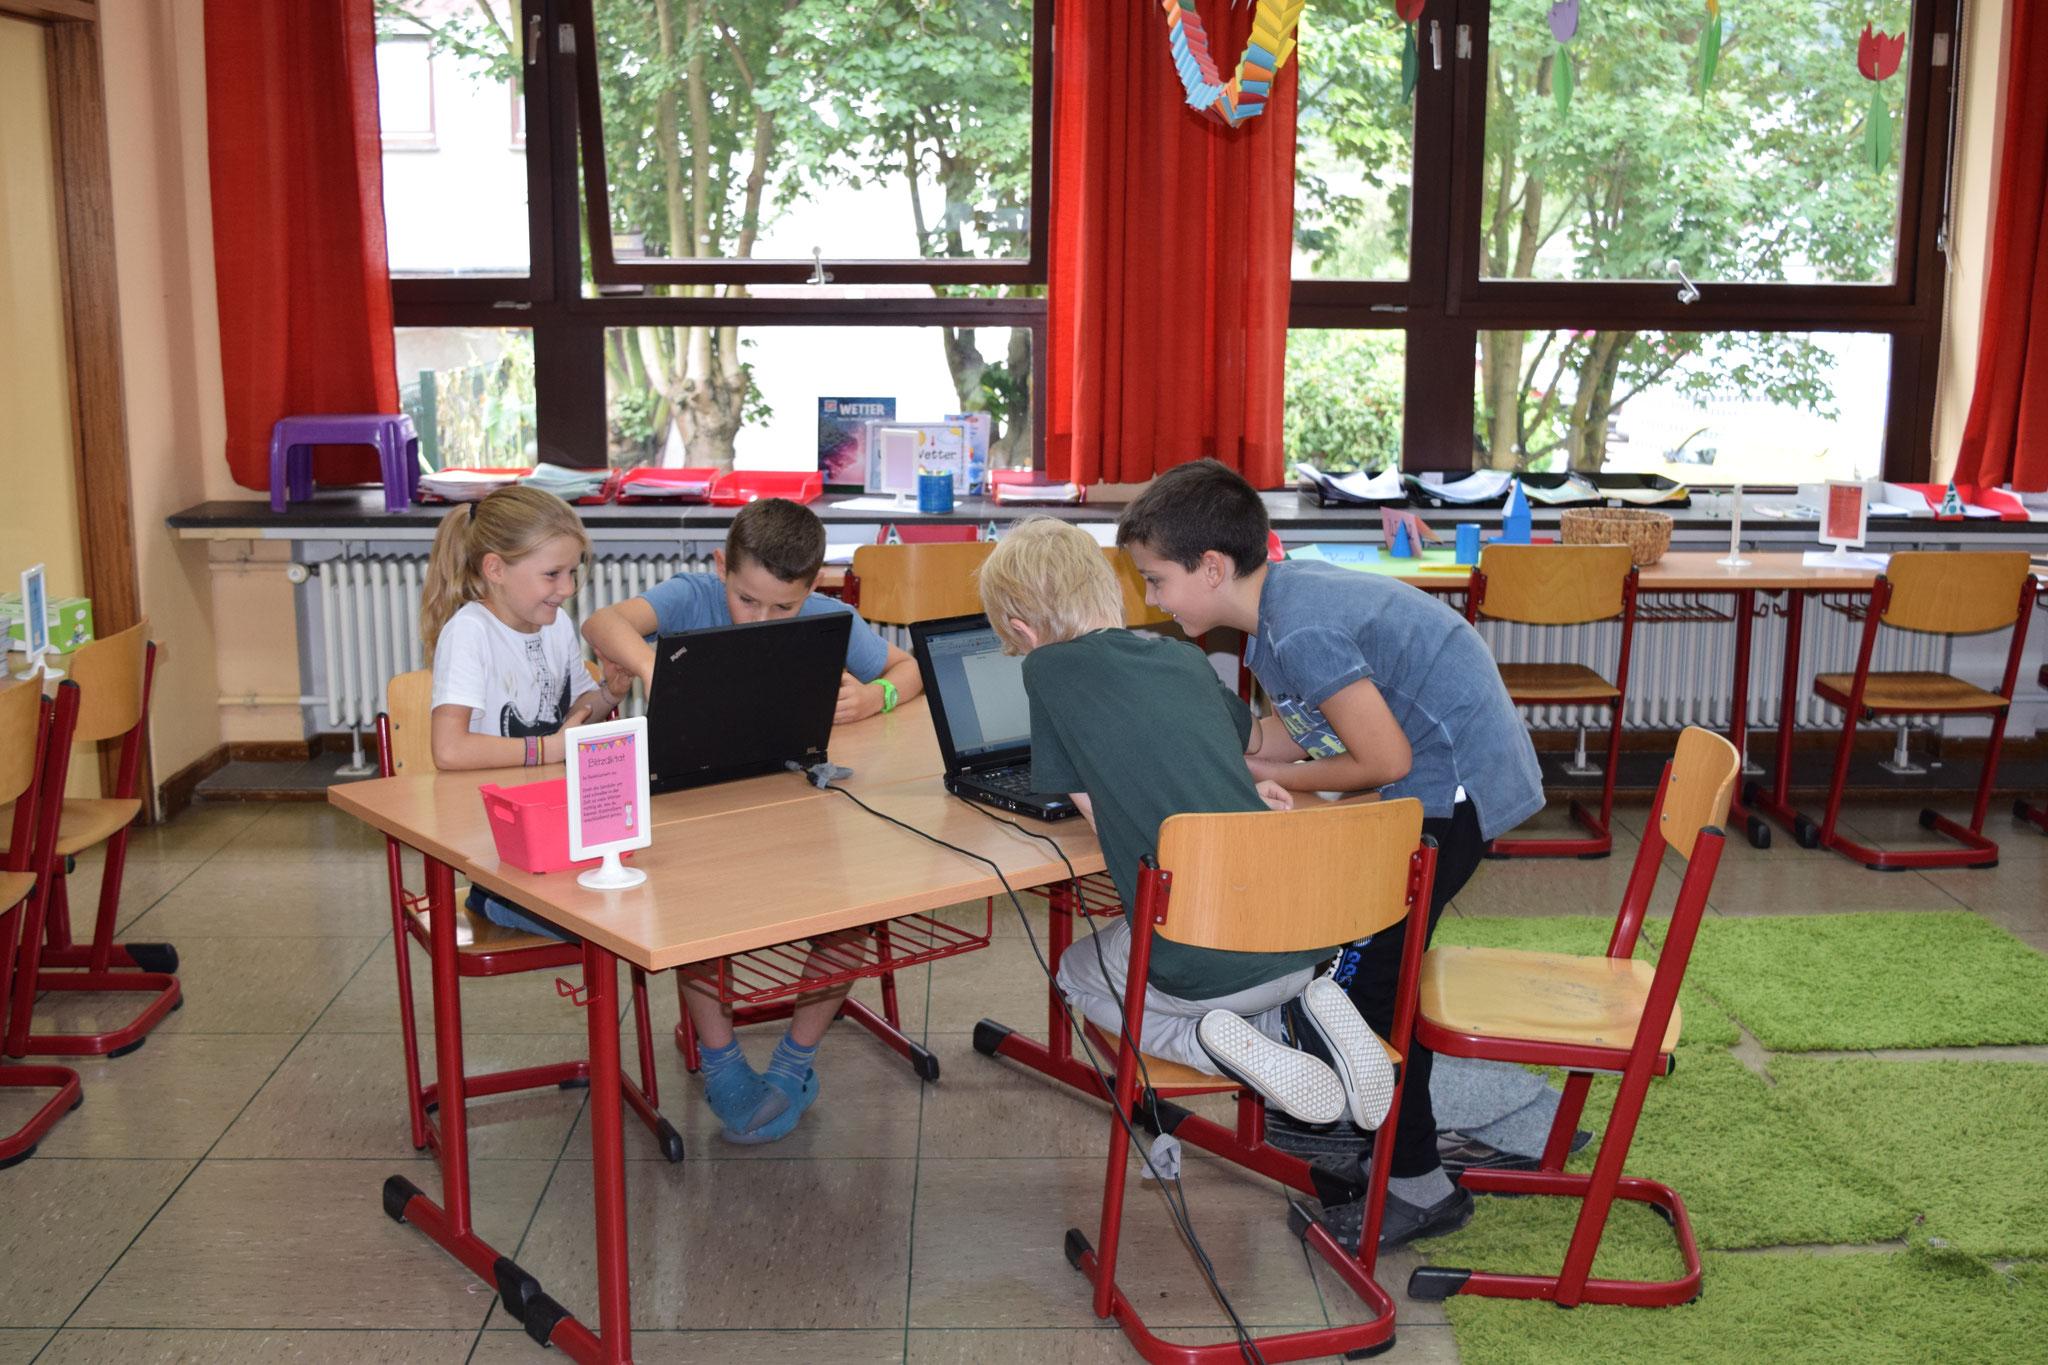 Die Kinder arbeiten an den Laptops.